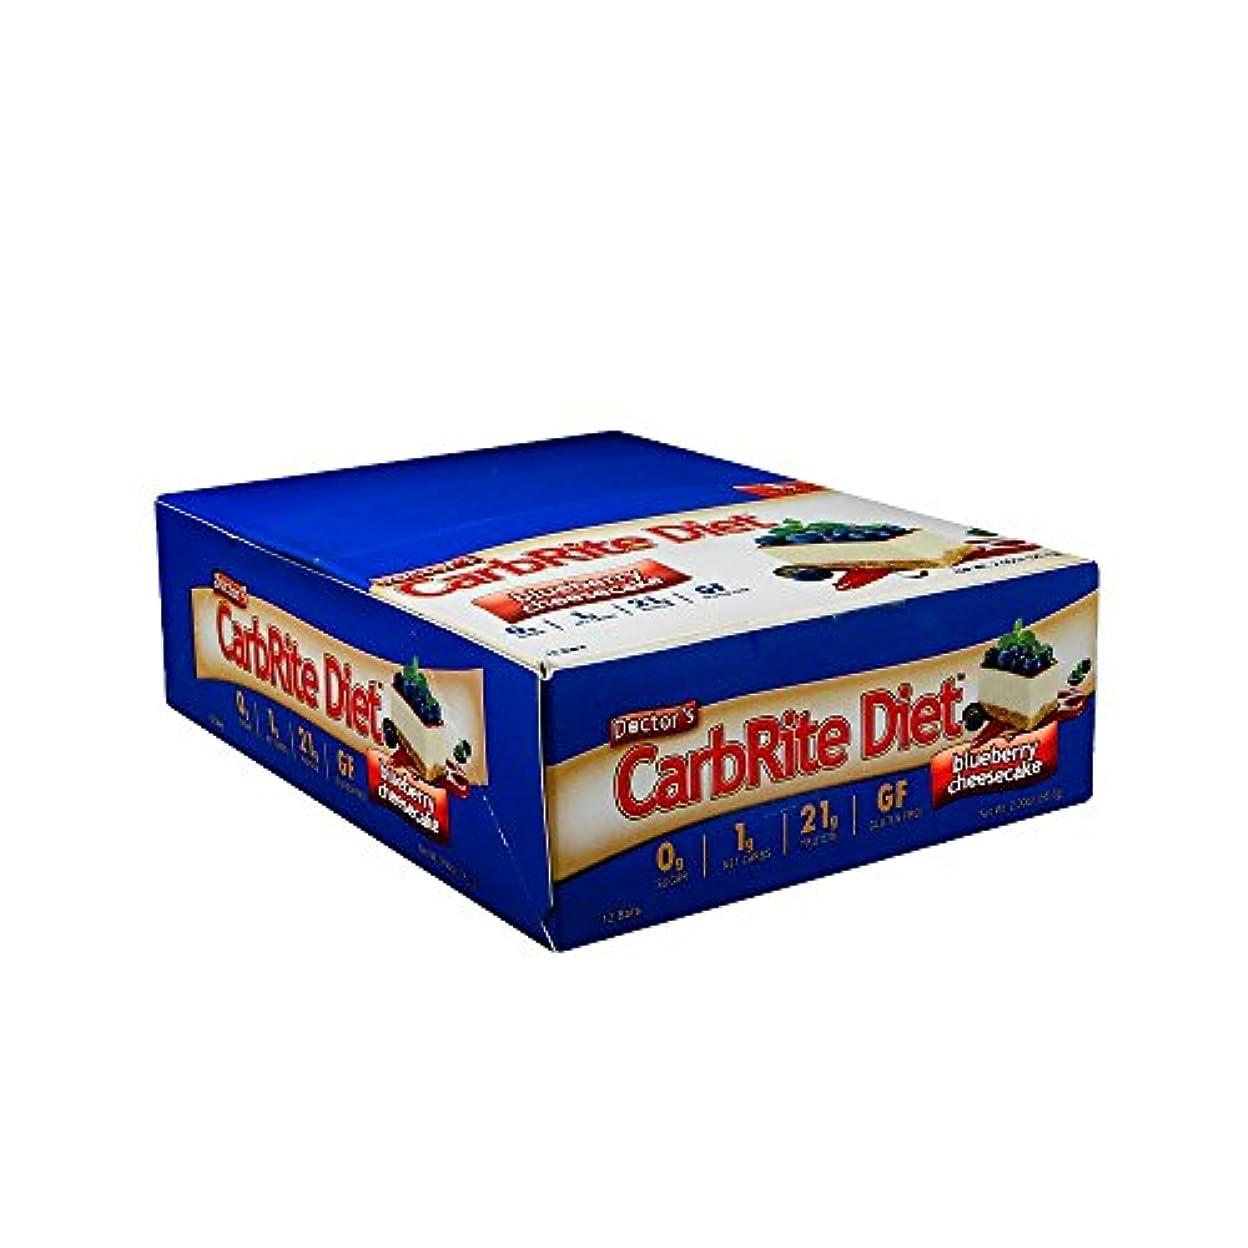 抵抗するメンテナンスむしゃむしゃUniversal Nutrition, Doctor's CarbRite Diet Bar, Sugar-Free, Lemon Meringue, 12 Bars, 2 oz (56.7 g) Each